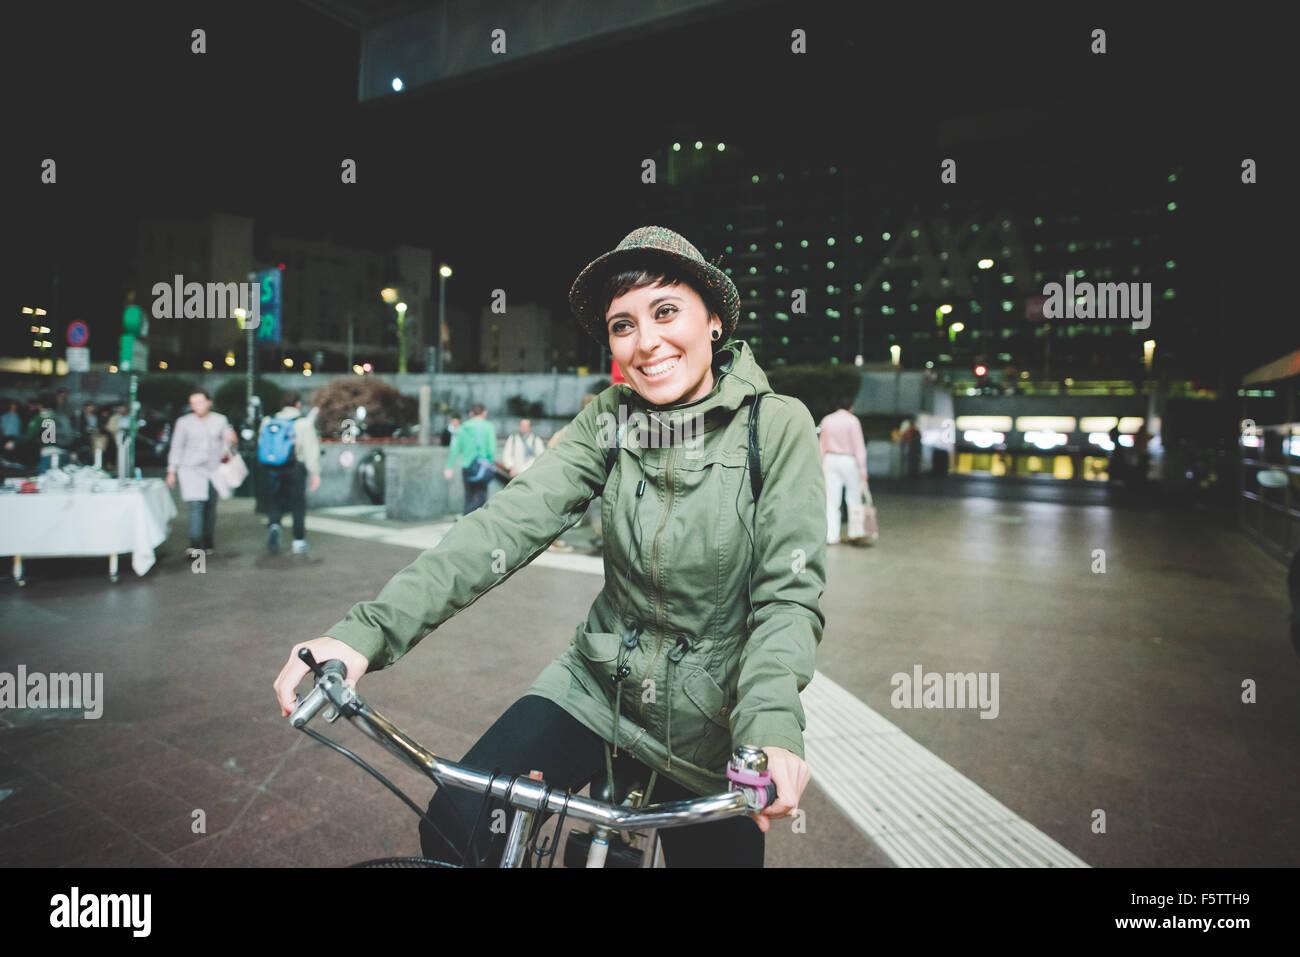 Longitud media de joven apuesto marrón de pelo recto mujer caucásica montar en bicicleta en la noche, Imagen De Stock